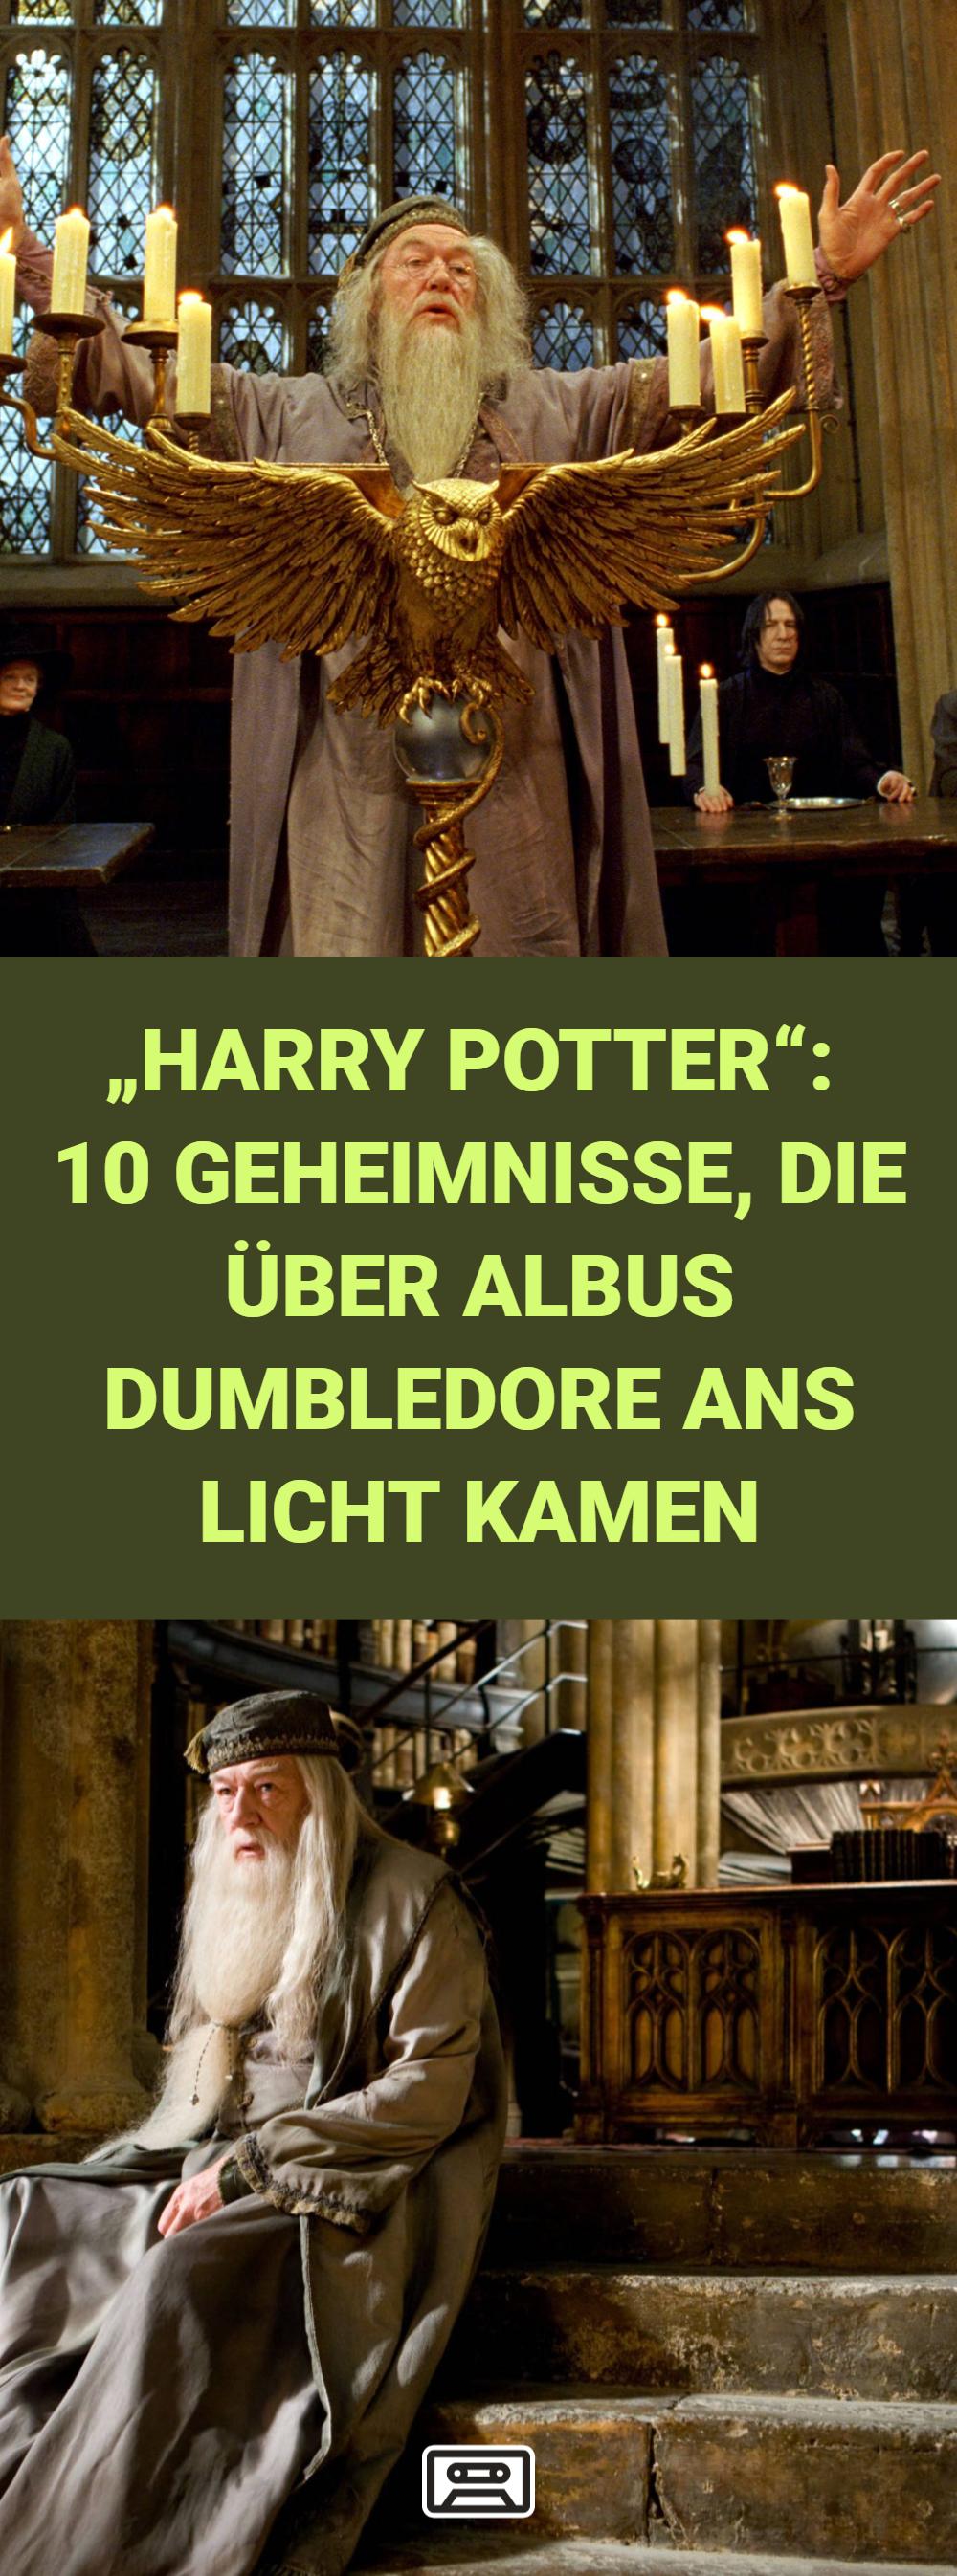 Dumbledore Ist Von Einigen Mysterien Umgeben Harry Potter 10 Geheimnisse Die Uber Albus Dumbledore Ans Licht Kamen Filme Ha Filme Komodien Kino Film